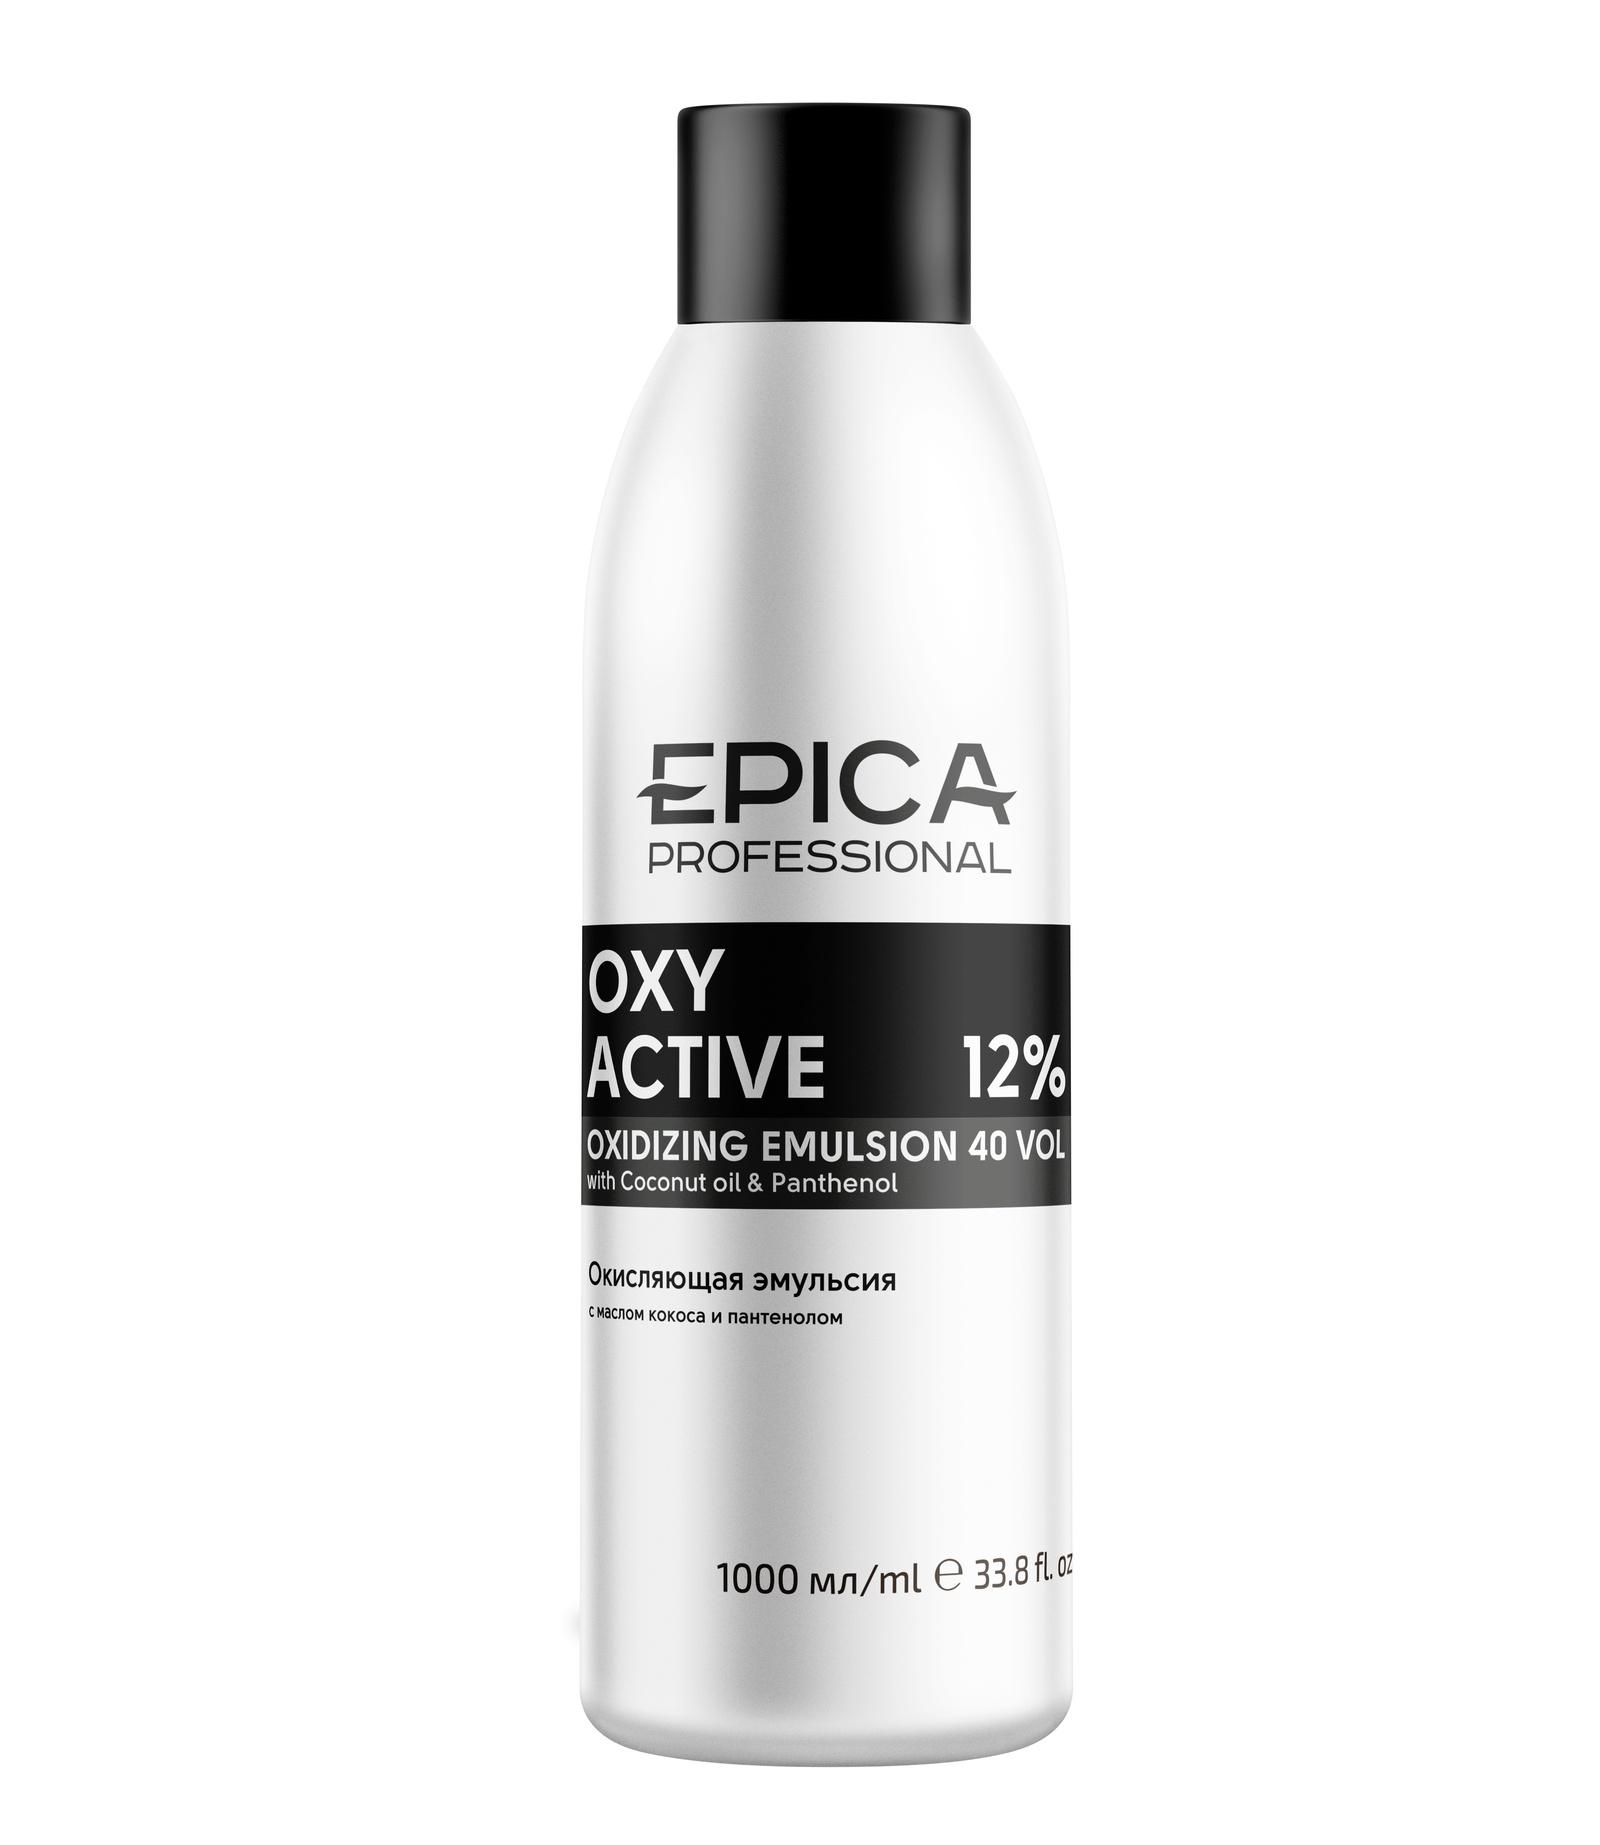 Epica 91238 Кремообразная окисляющая эмульсия 12 % (40 vol) 1000 мл selective professional эмульсия окисляющая специальная 6